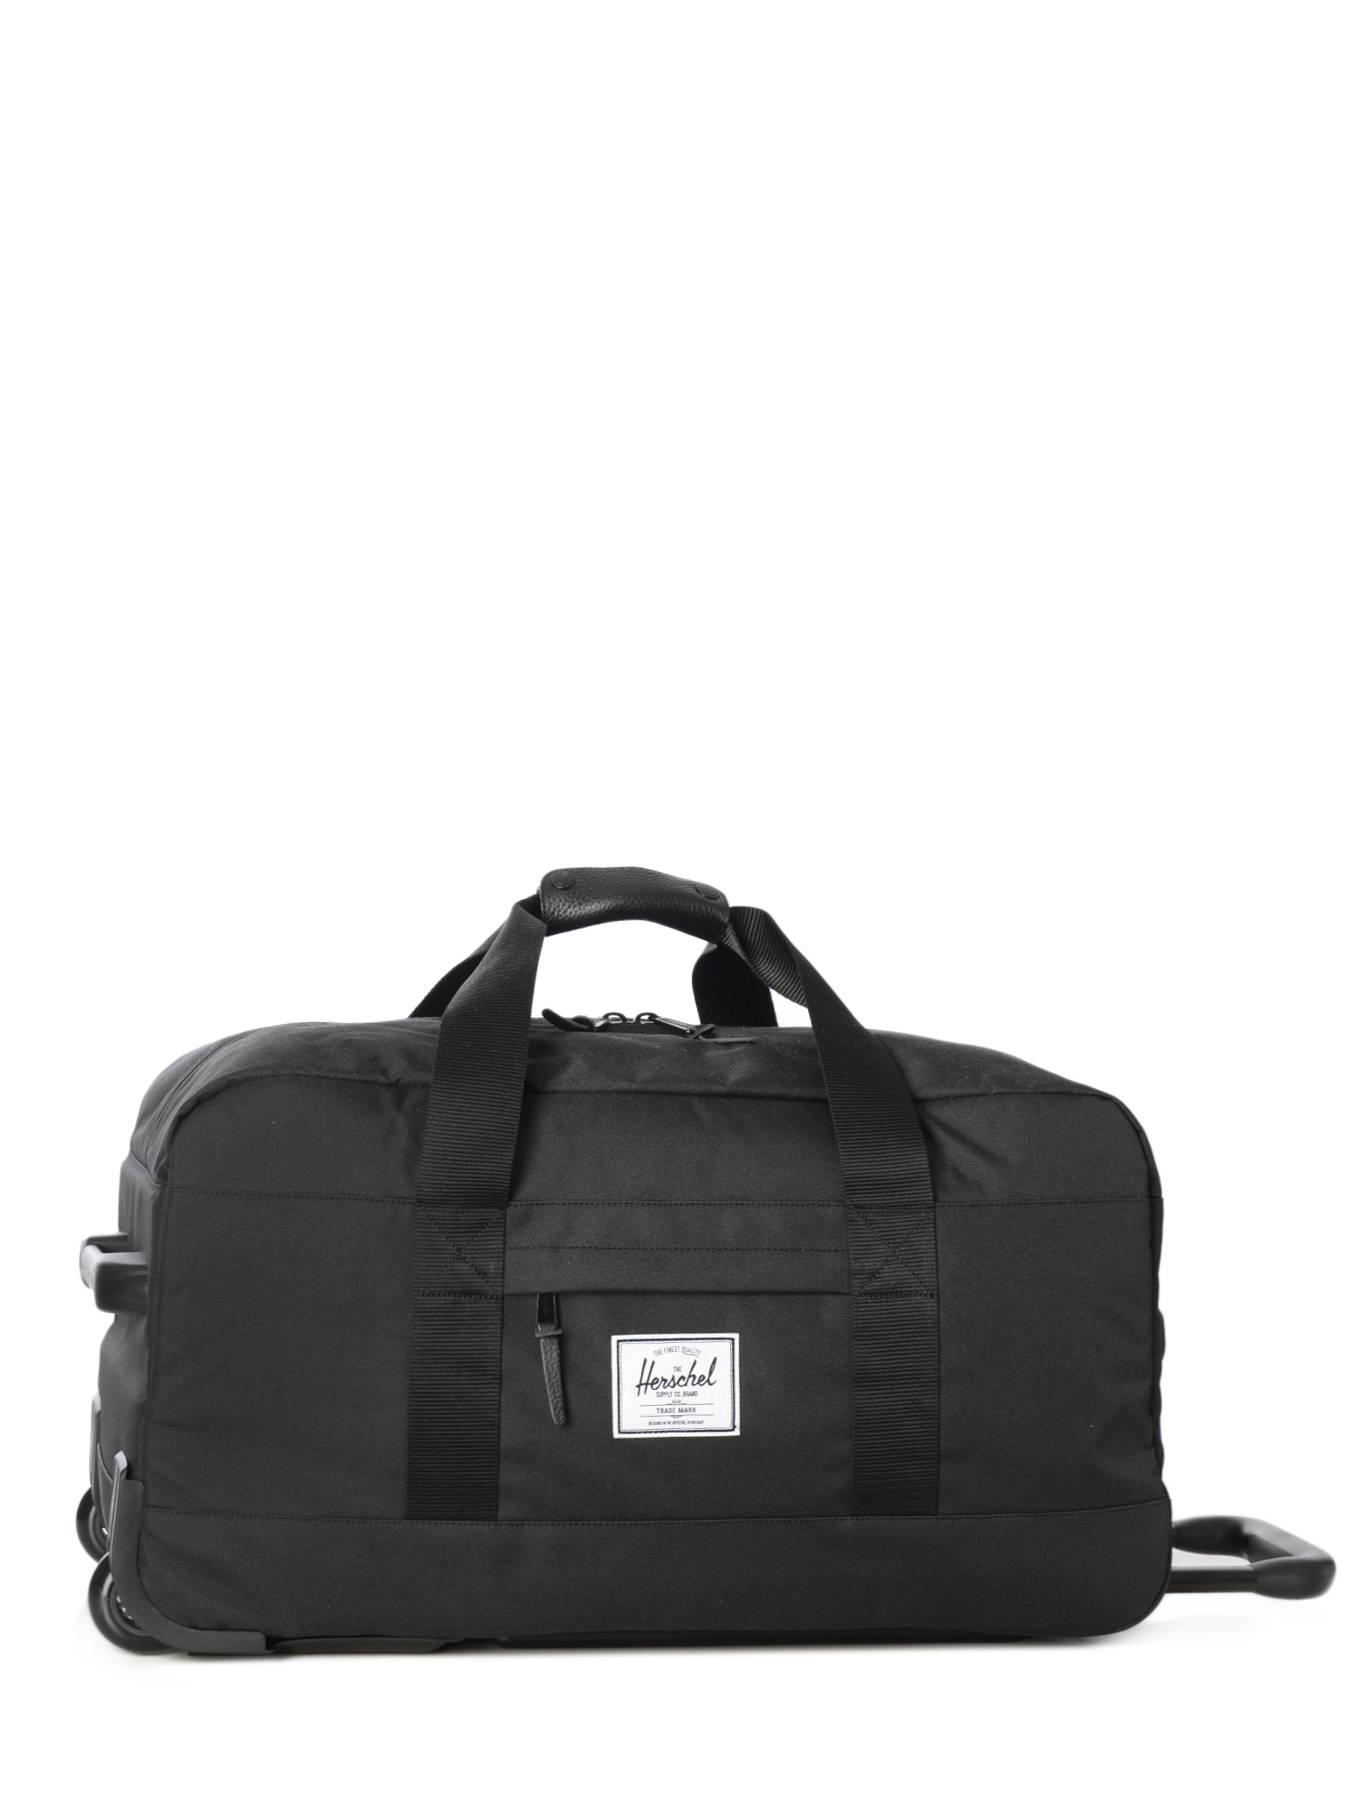 Travel Bag Supply Herschel Black 10296